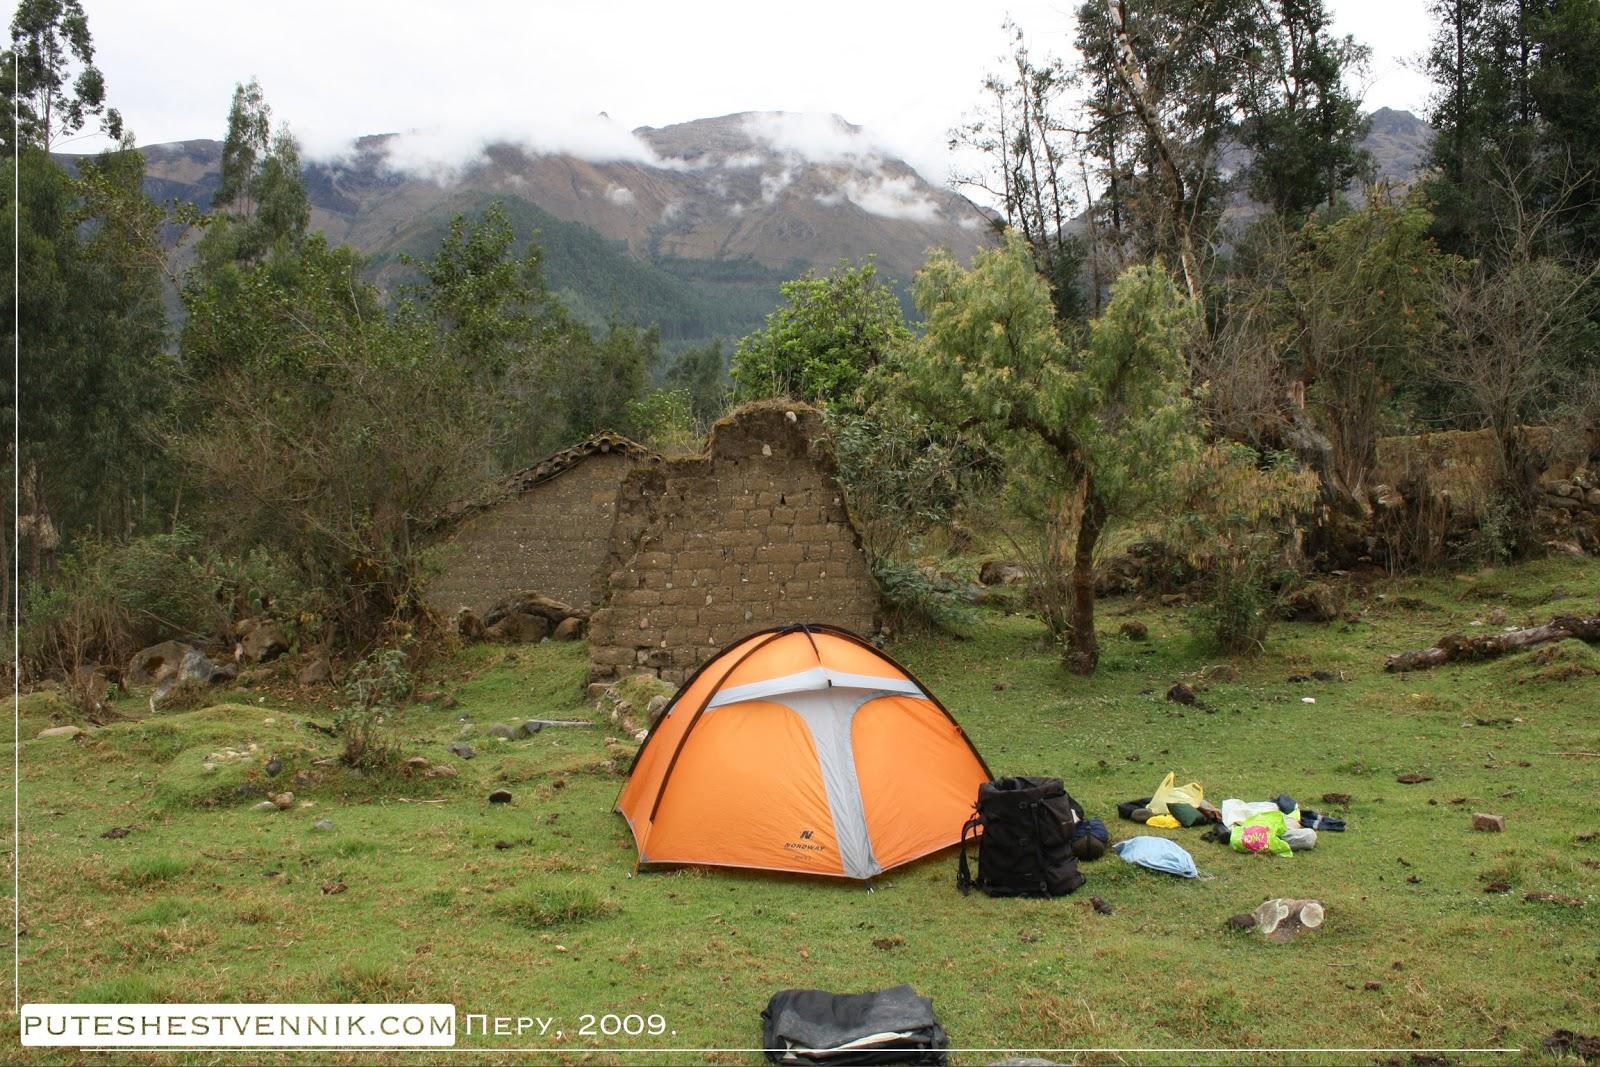 Палатка у развалин в Перу